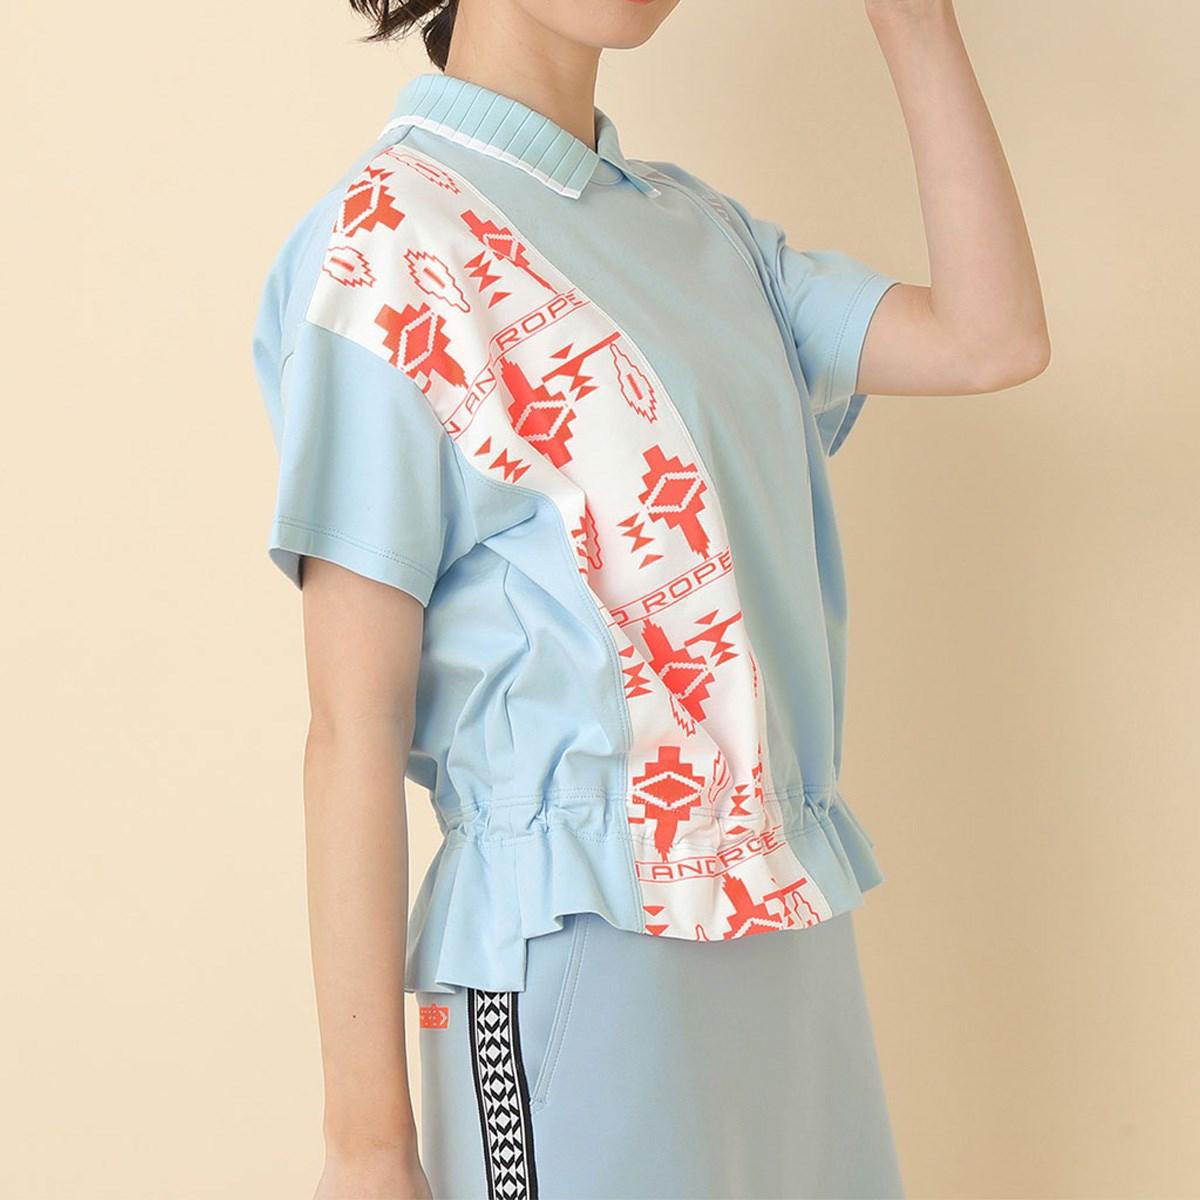 ジュン アンド ロペ JUN & ROPE UV ポロ衿ギャザリング半袖プルオーバー S サックス 48 レディス